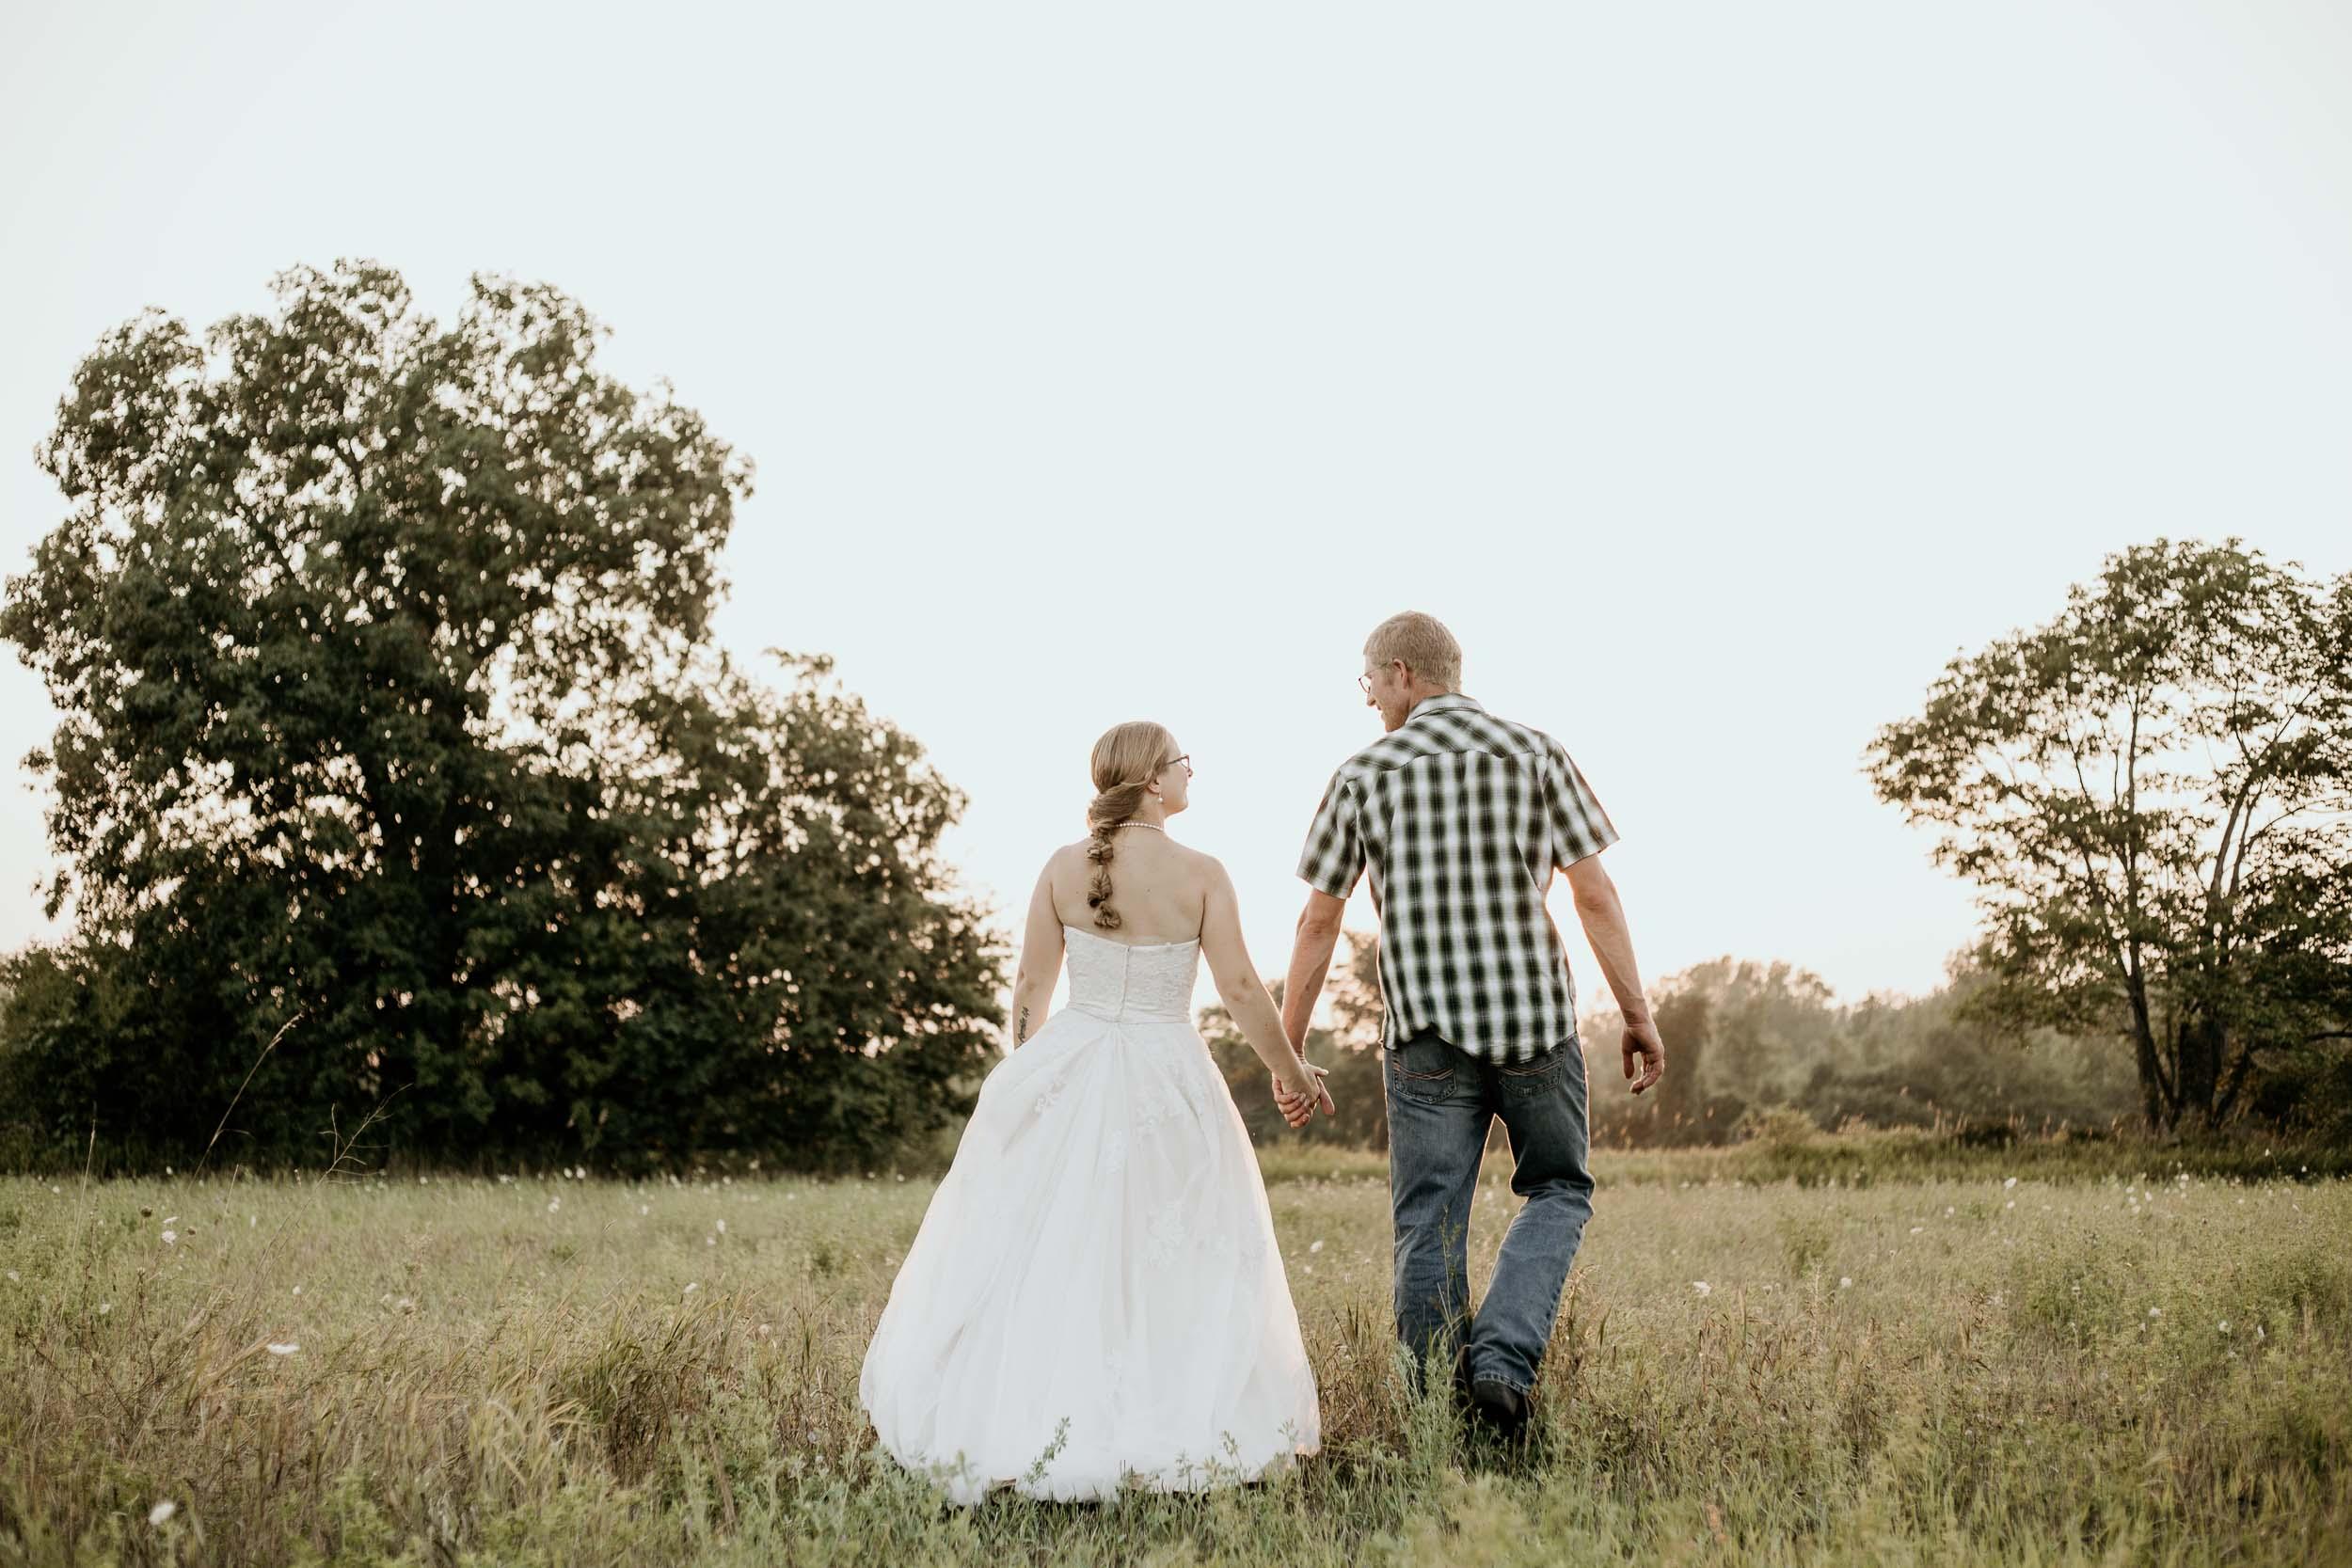 intimate-wedding-elopement-photographer-ottawa-joshua-tree-2958.jpg